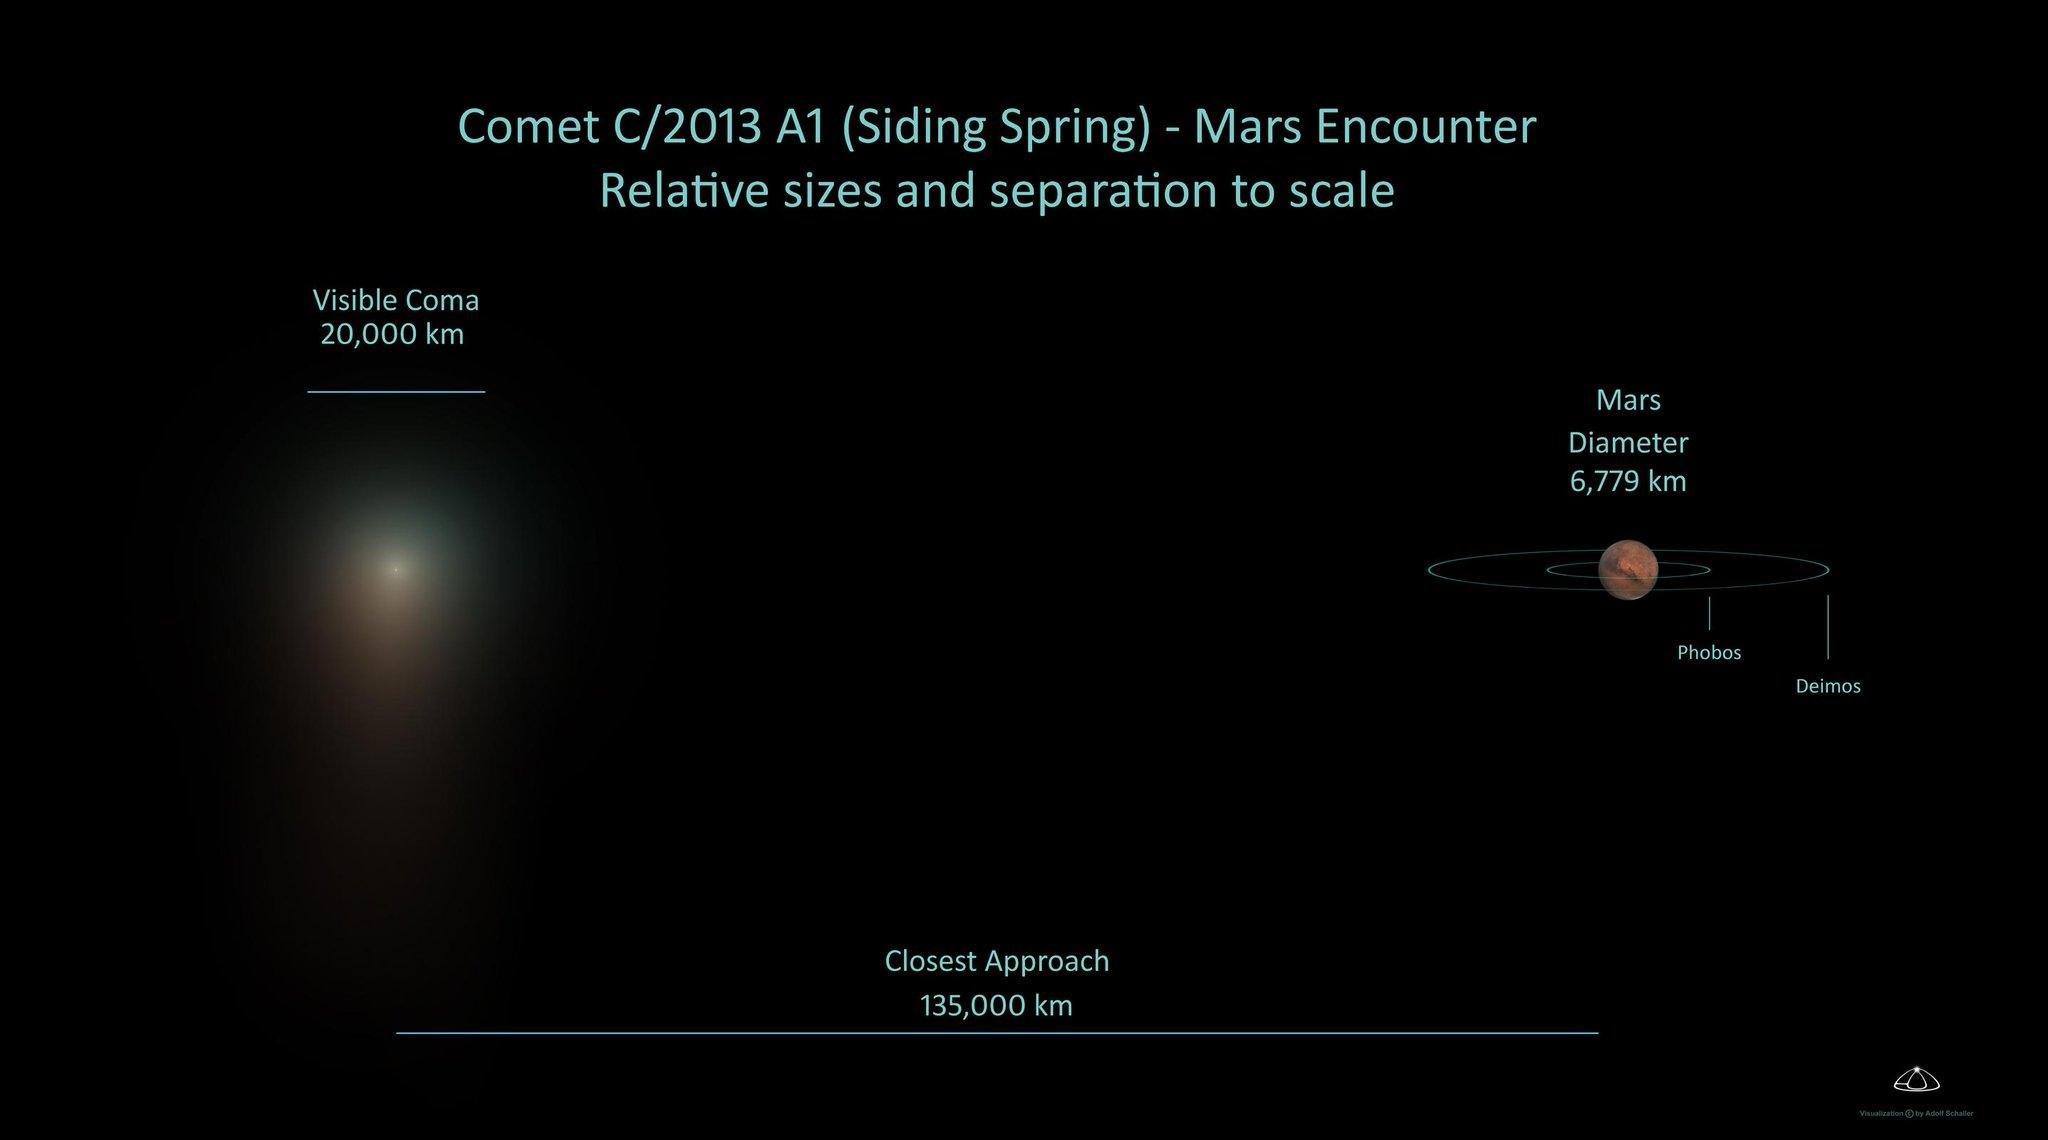 Passage de la comète Siding Spring près de Mars - Page 2 B0VVSRUCMAElLvQ